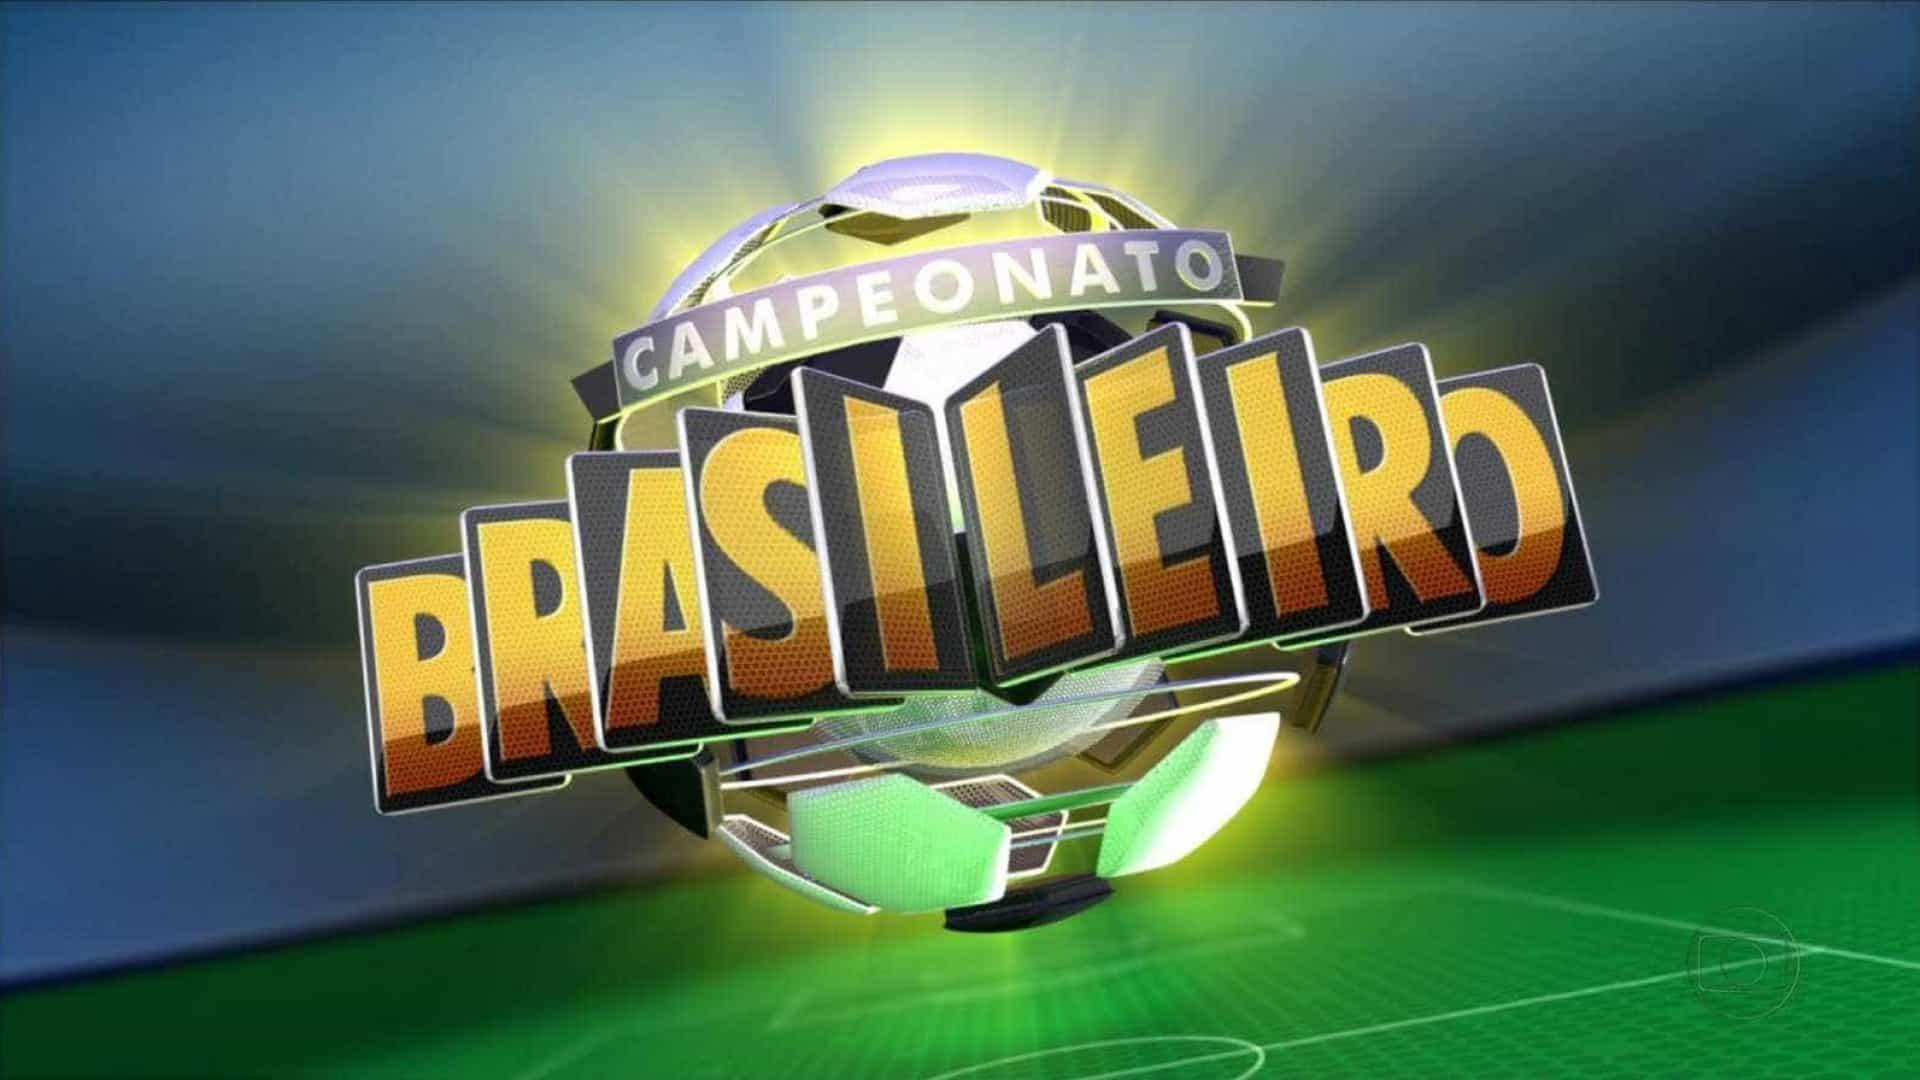 naom 5729eea6de5ea - CBF anuncia novo calendário e Campeonato Brasileiro